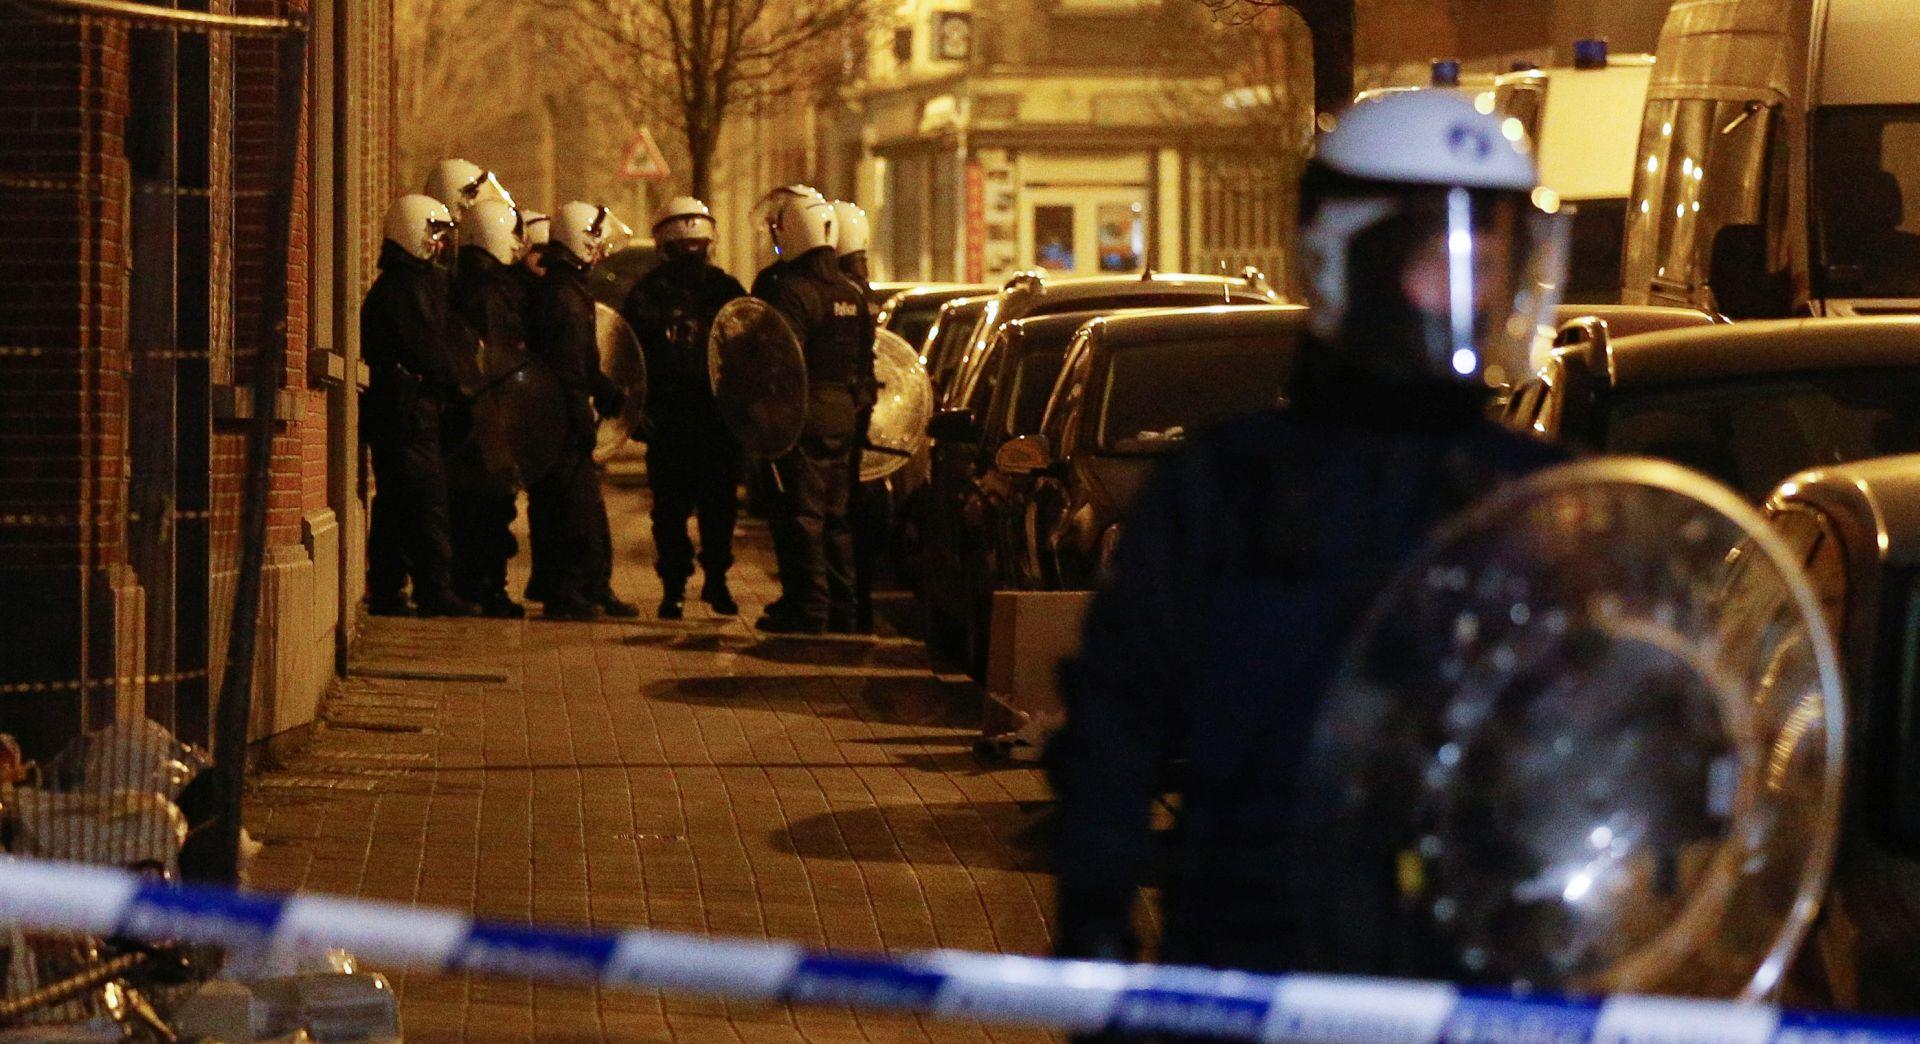 BELGIJA Policija traga za pomagačem Abdeslama, koji je izradio bombaške prsluke za pariške napade